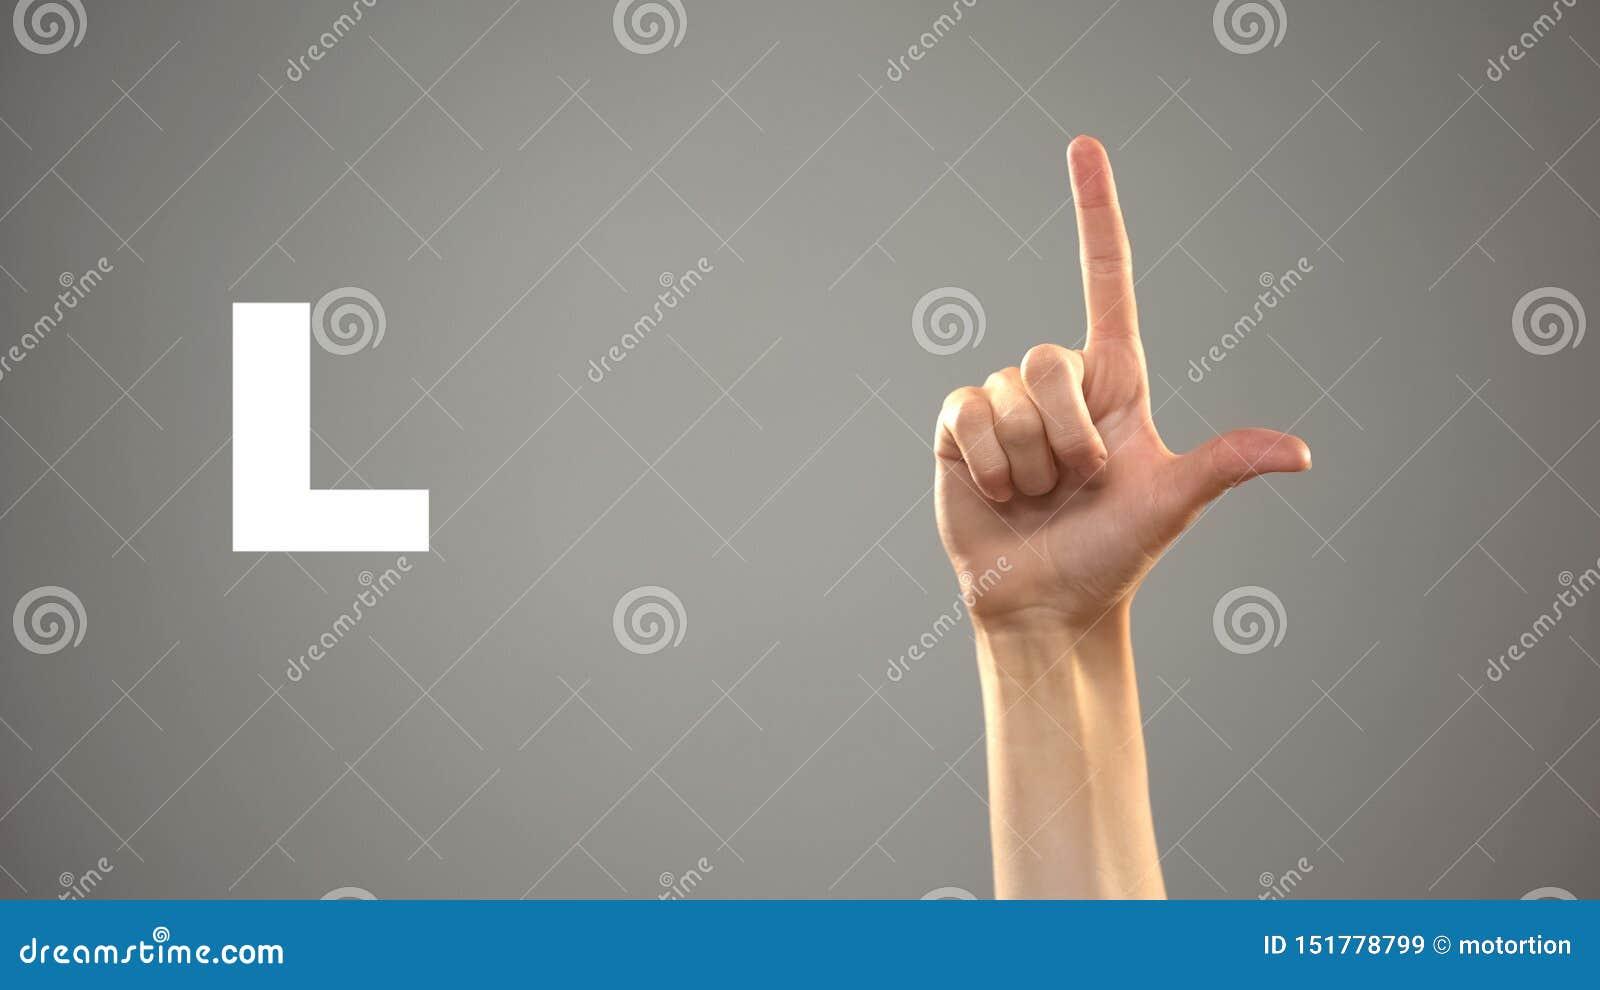 Lettre L dans la langue des signes, main sur le fond, communication pour sourd, le?on